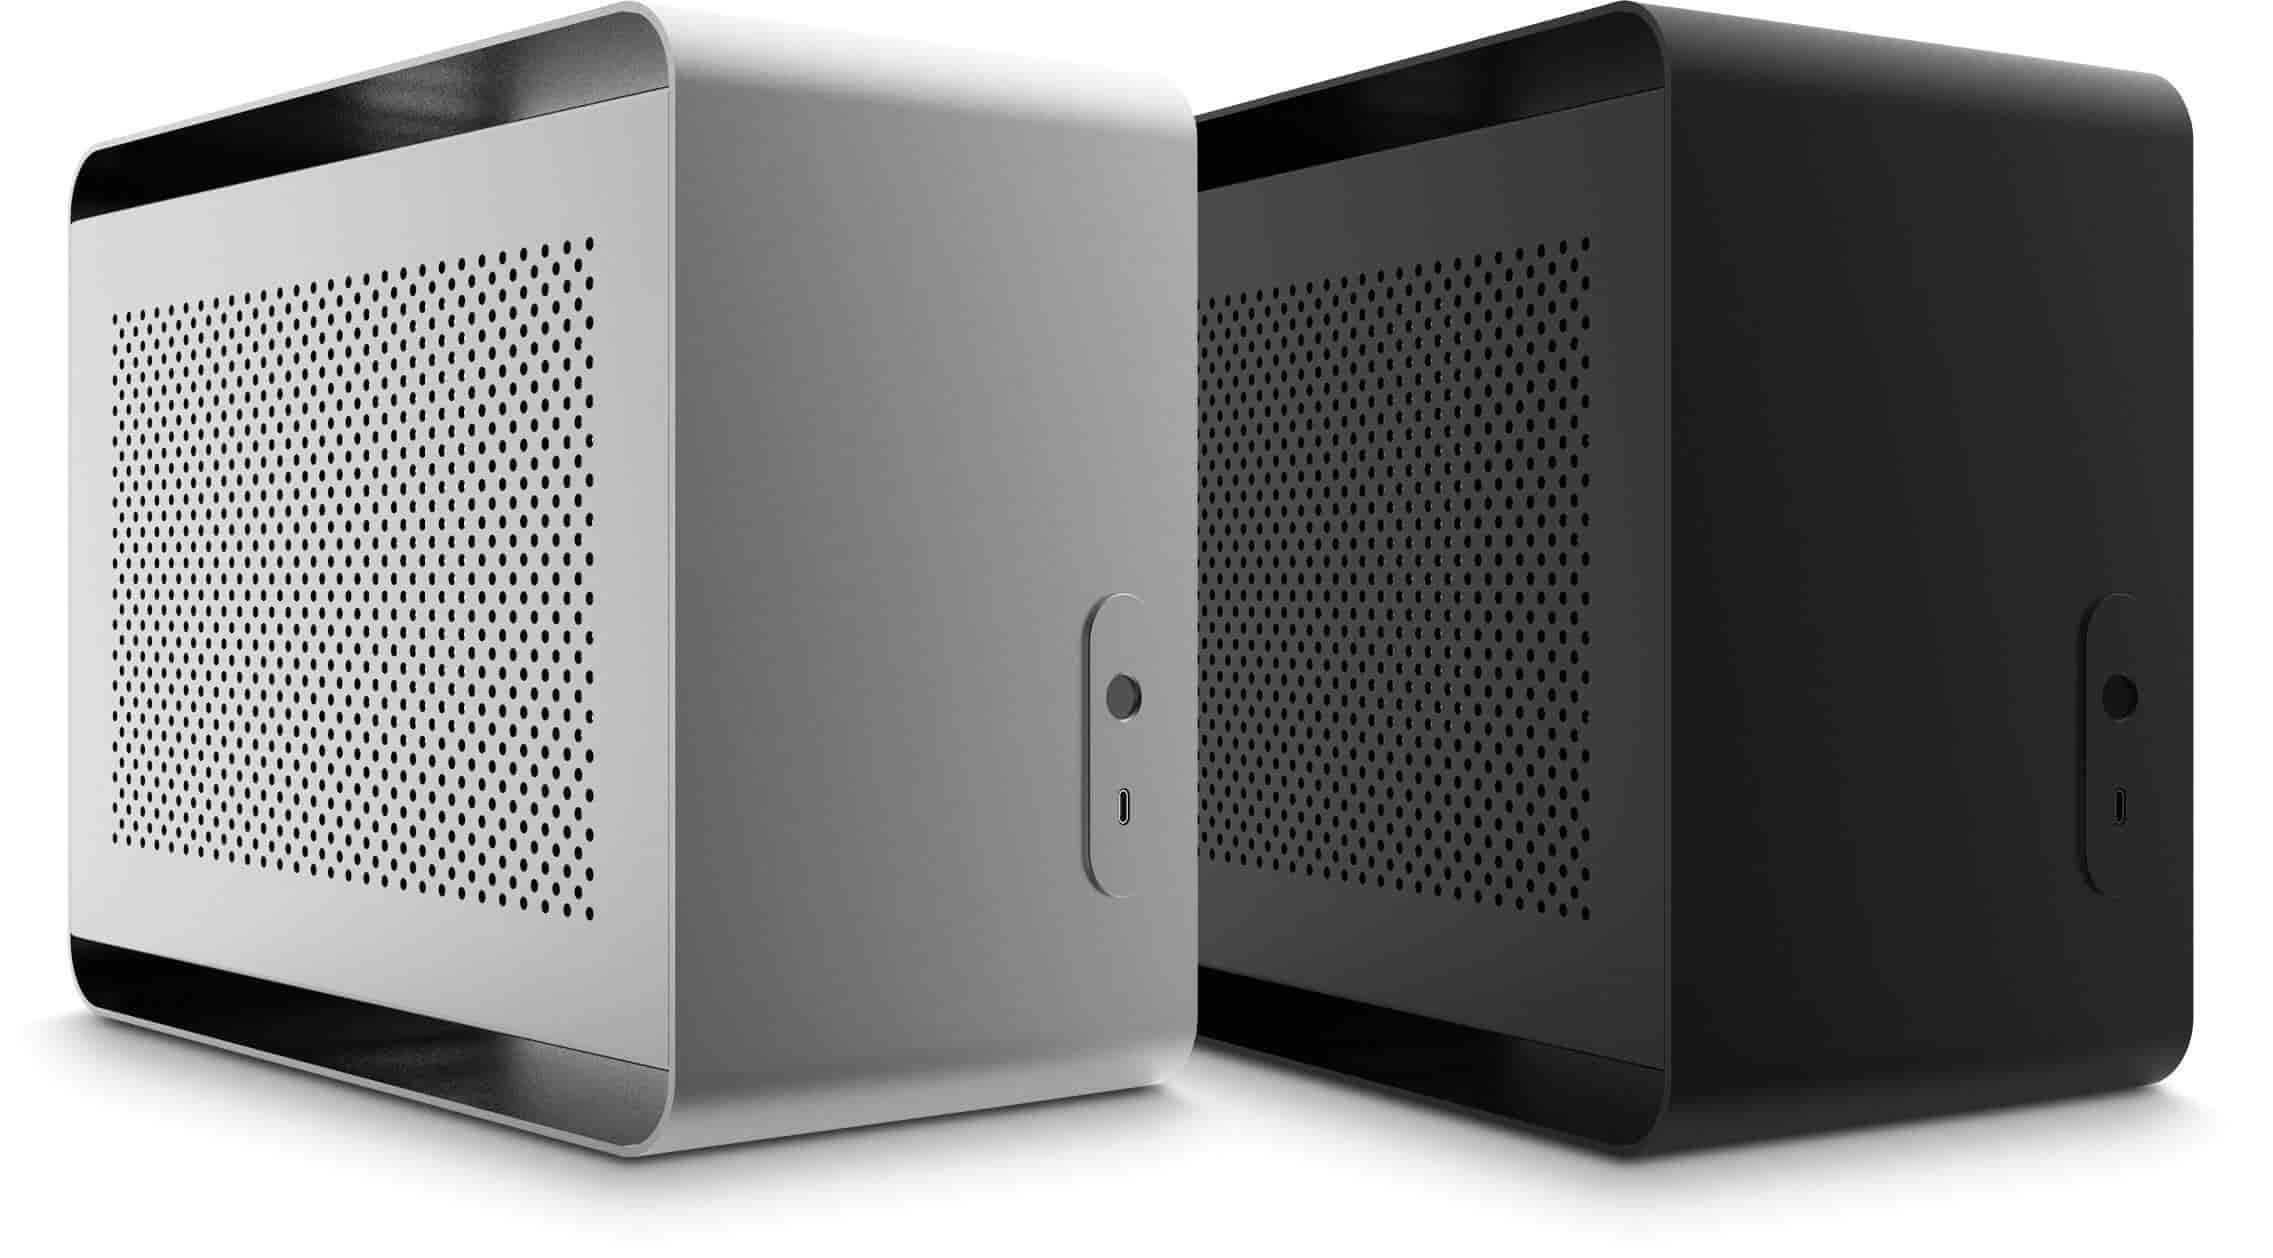 black and white quiet cases